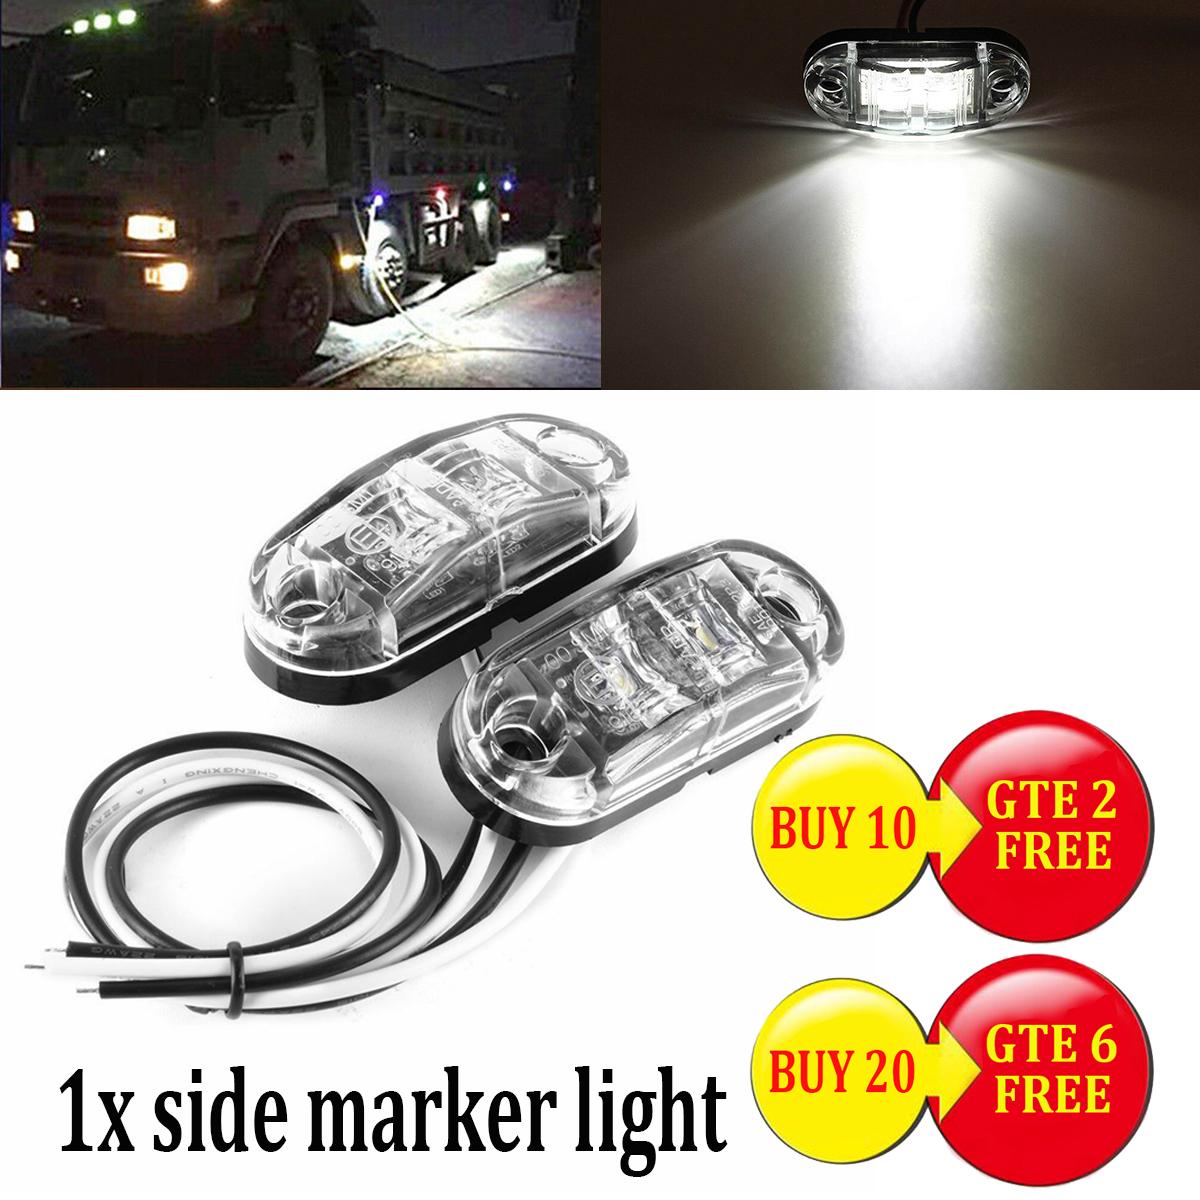 2pcs Truck Trailer Caravan LED Side Marker Clearance Light Lamp Red+White New